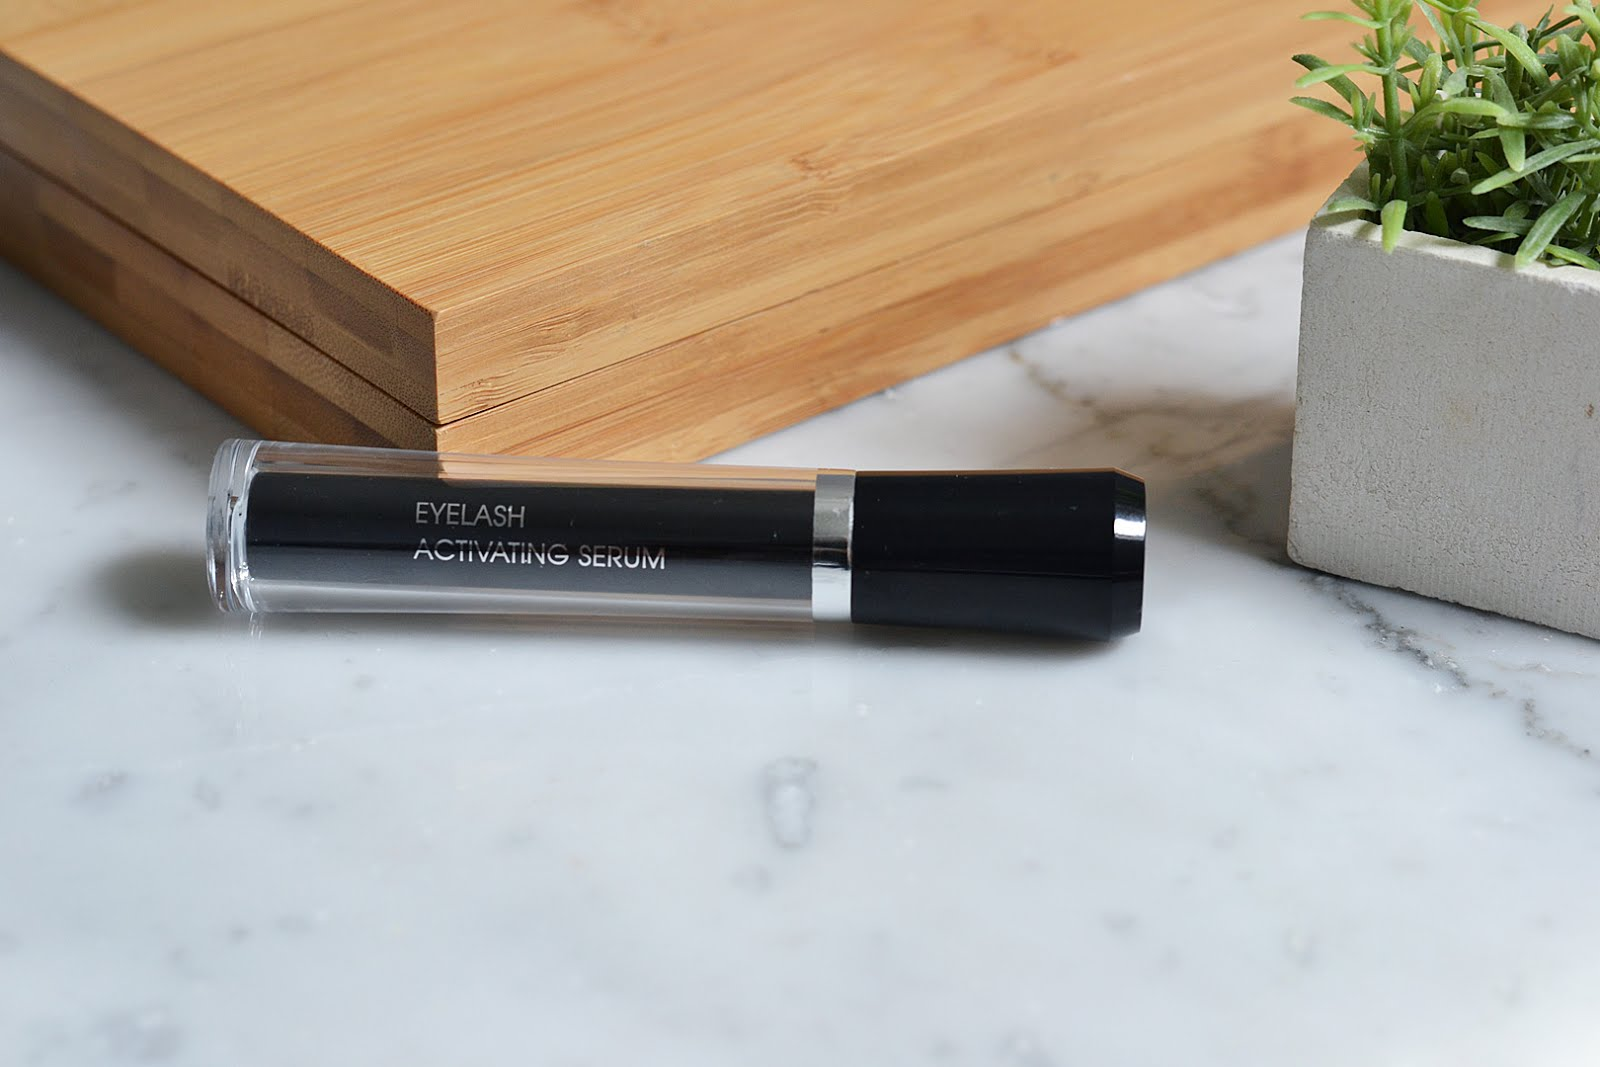 Eyelash activating serum, M2 beauté, beautyblogger, belgian blogger, belgische blogger